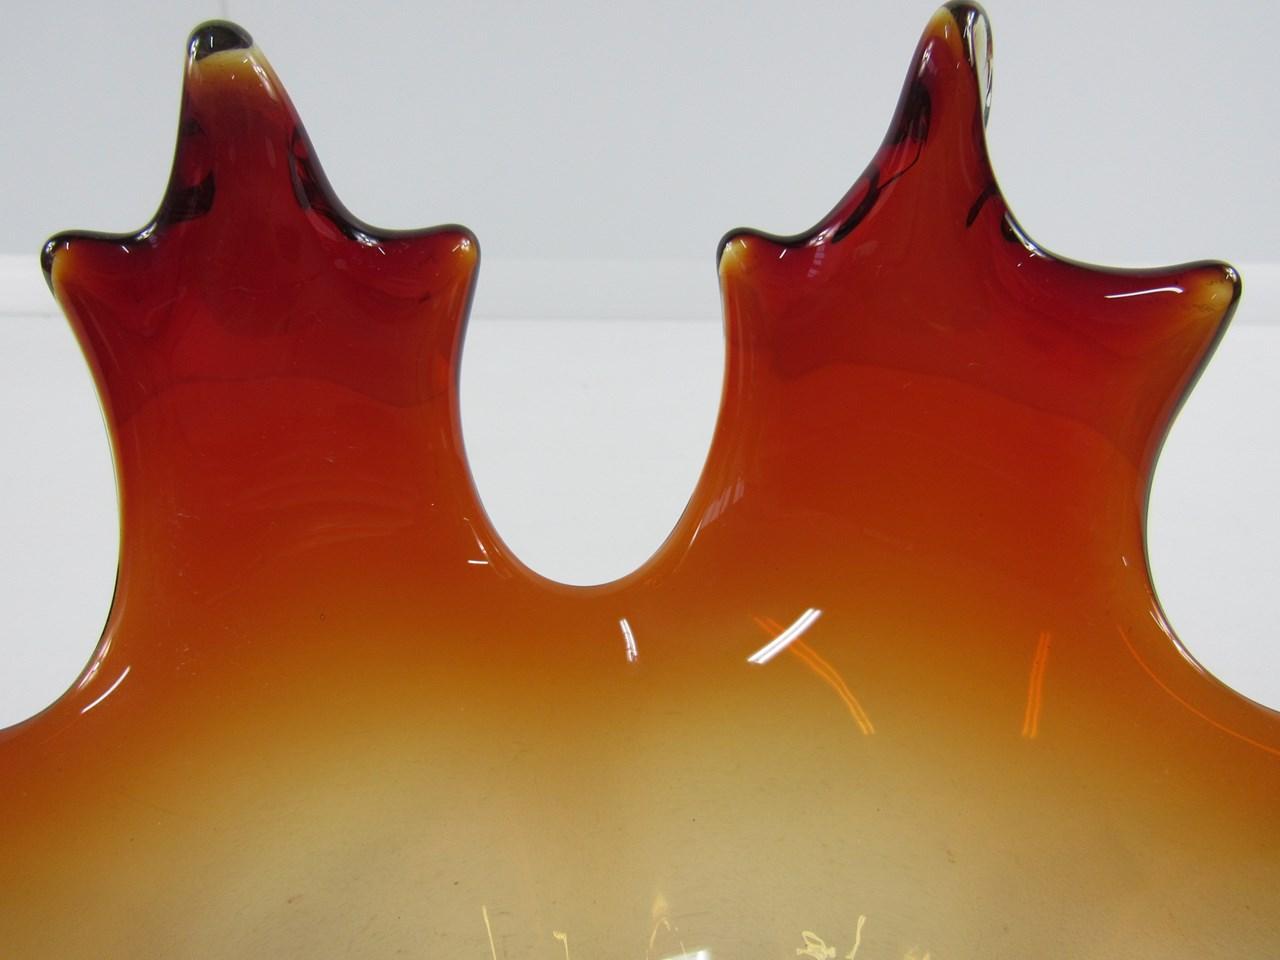 Murano Rot ~ Murano glas vase antares schwarz rot edition murano glas